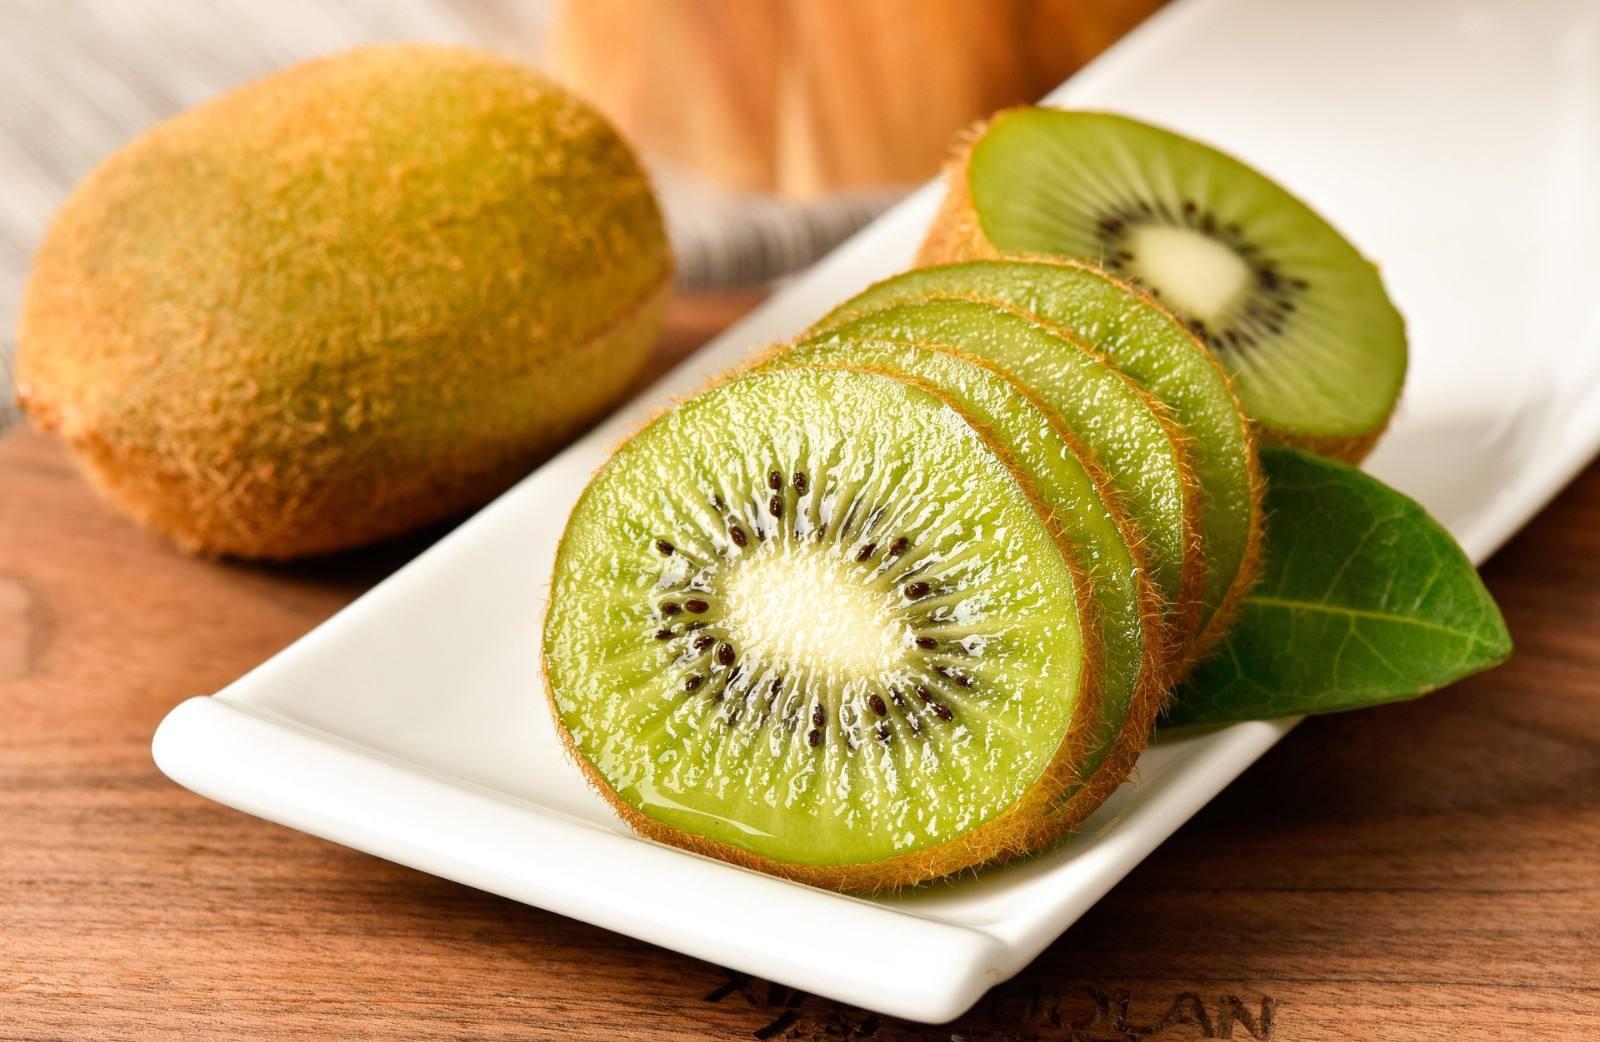 6 loại thực phẩm là thần dược giúp bền vững thành mạch máu, tránh huyết áp cao, mỡ máu và đường huyết cao - Ảnh 6.